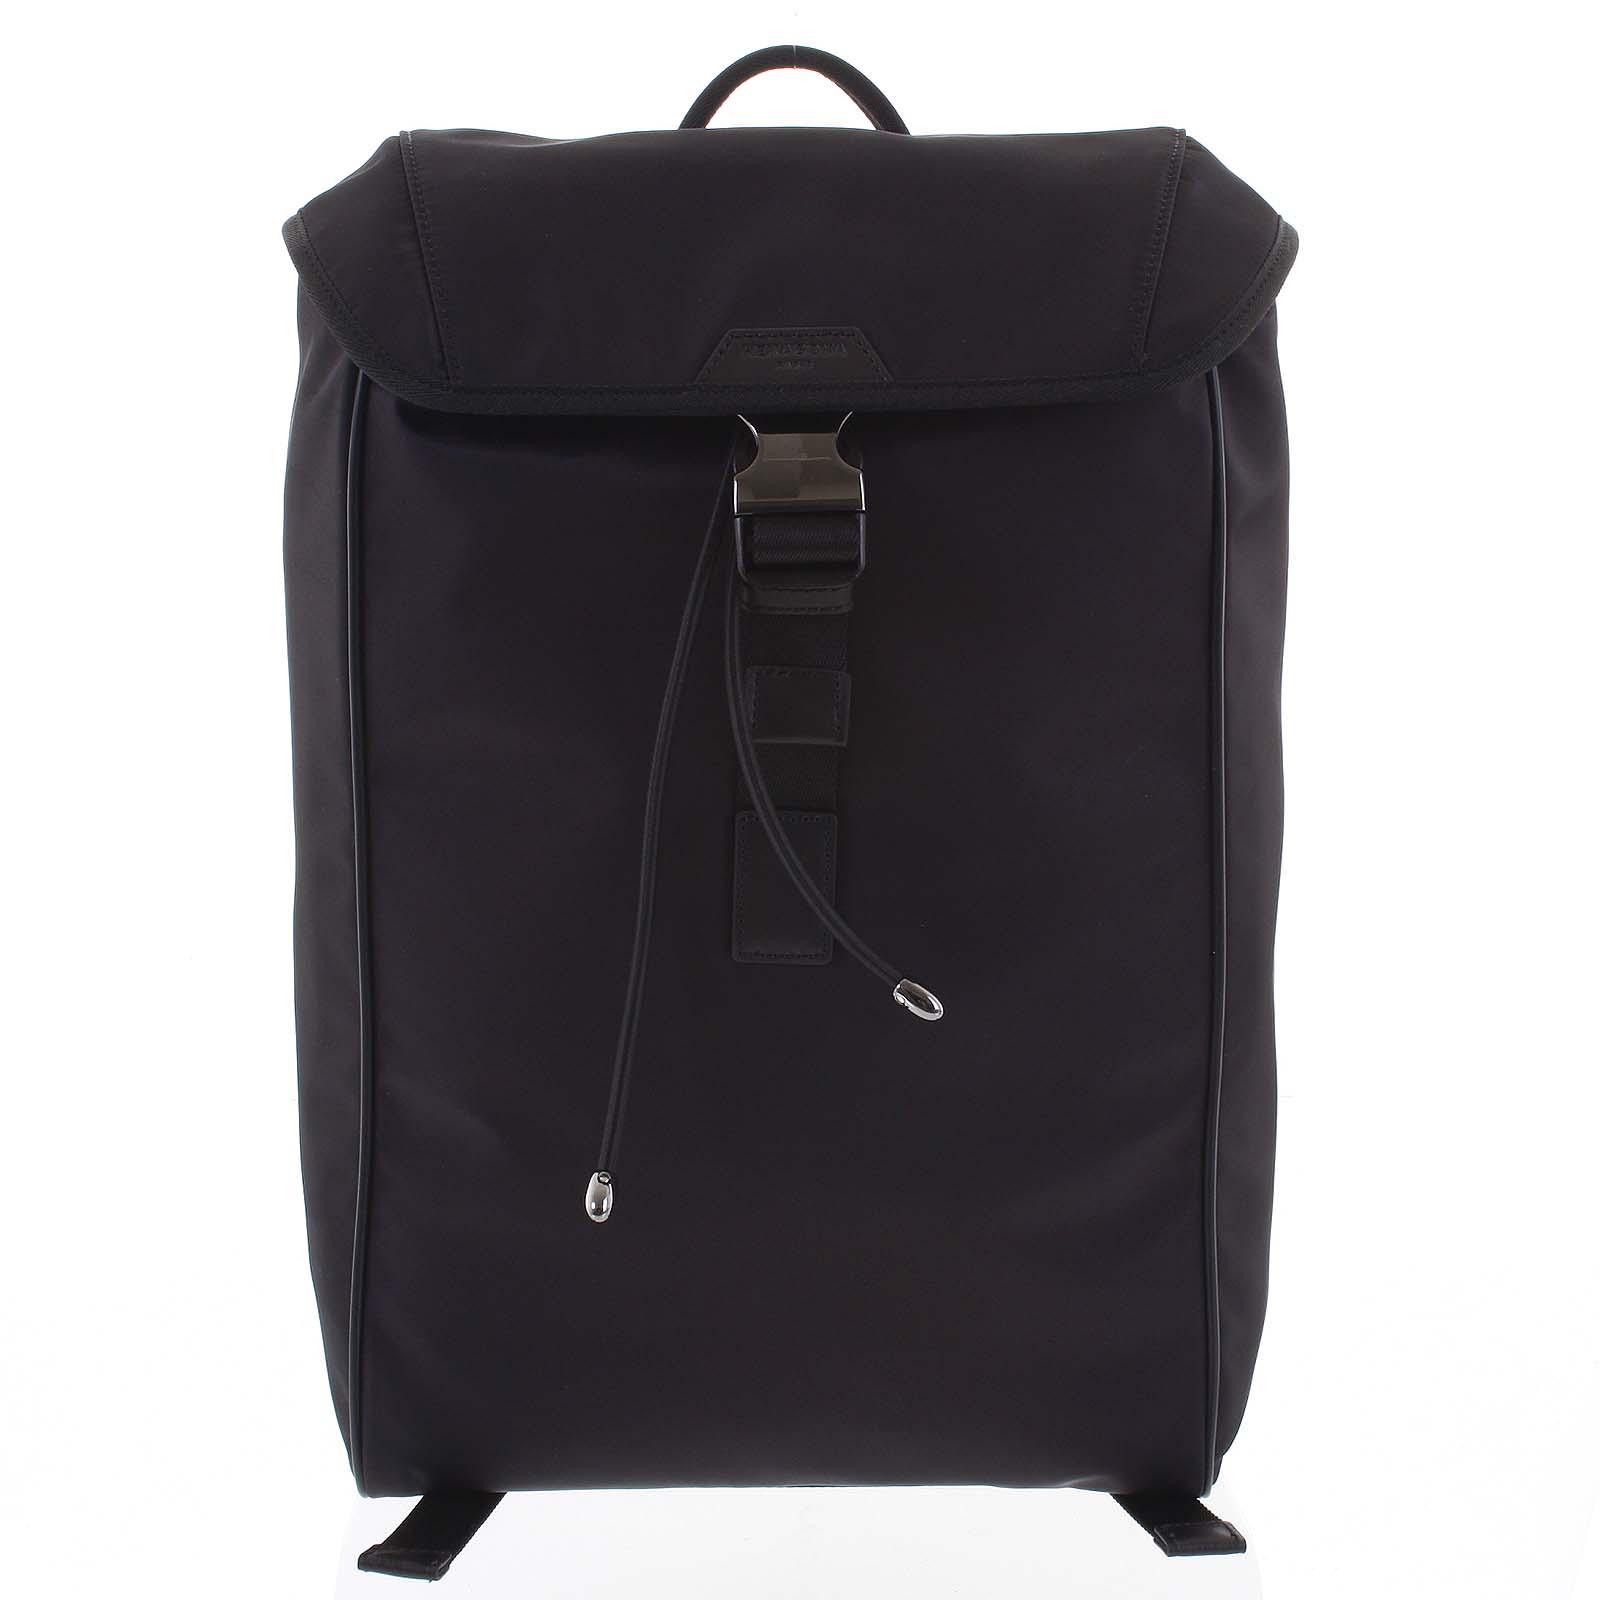 Velký batoh na notebook černý - Hexagona Bankey